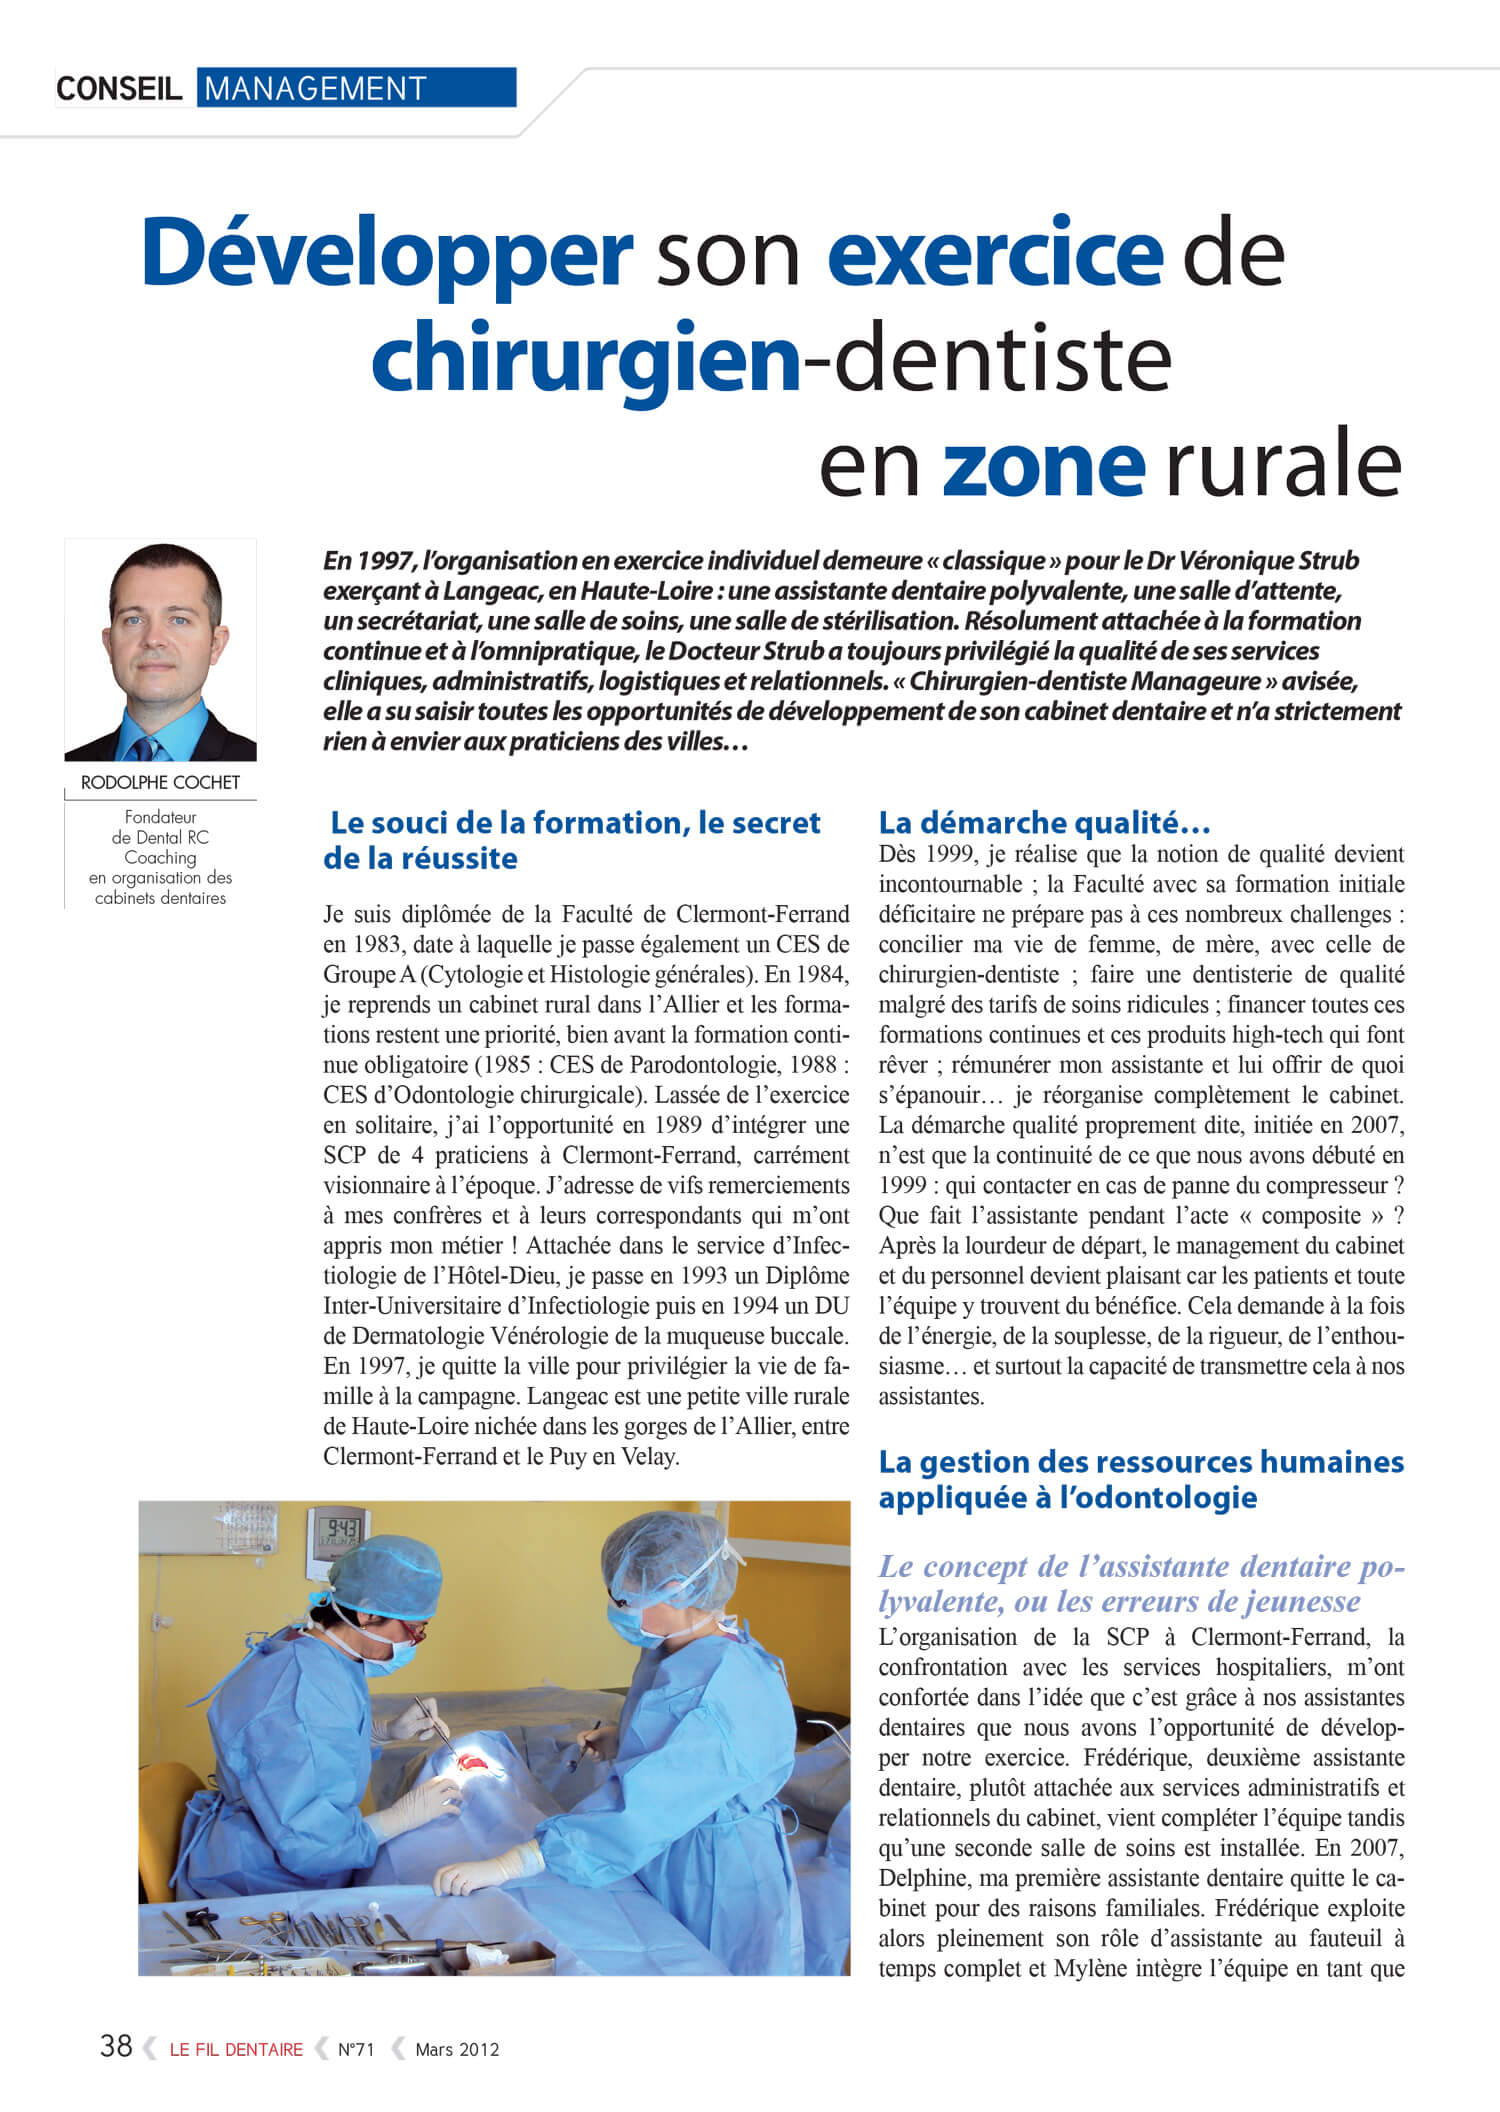 dentiste-zone-rurale-province-docteur-veronique-strub-gestion-cabinet-dentaire.jpg